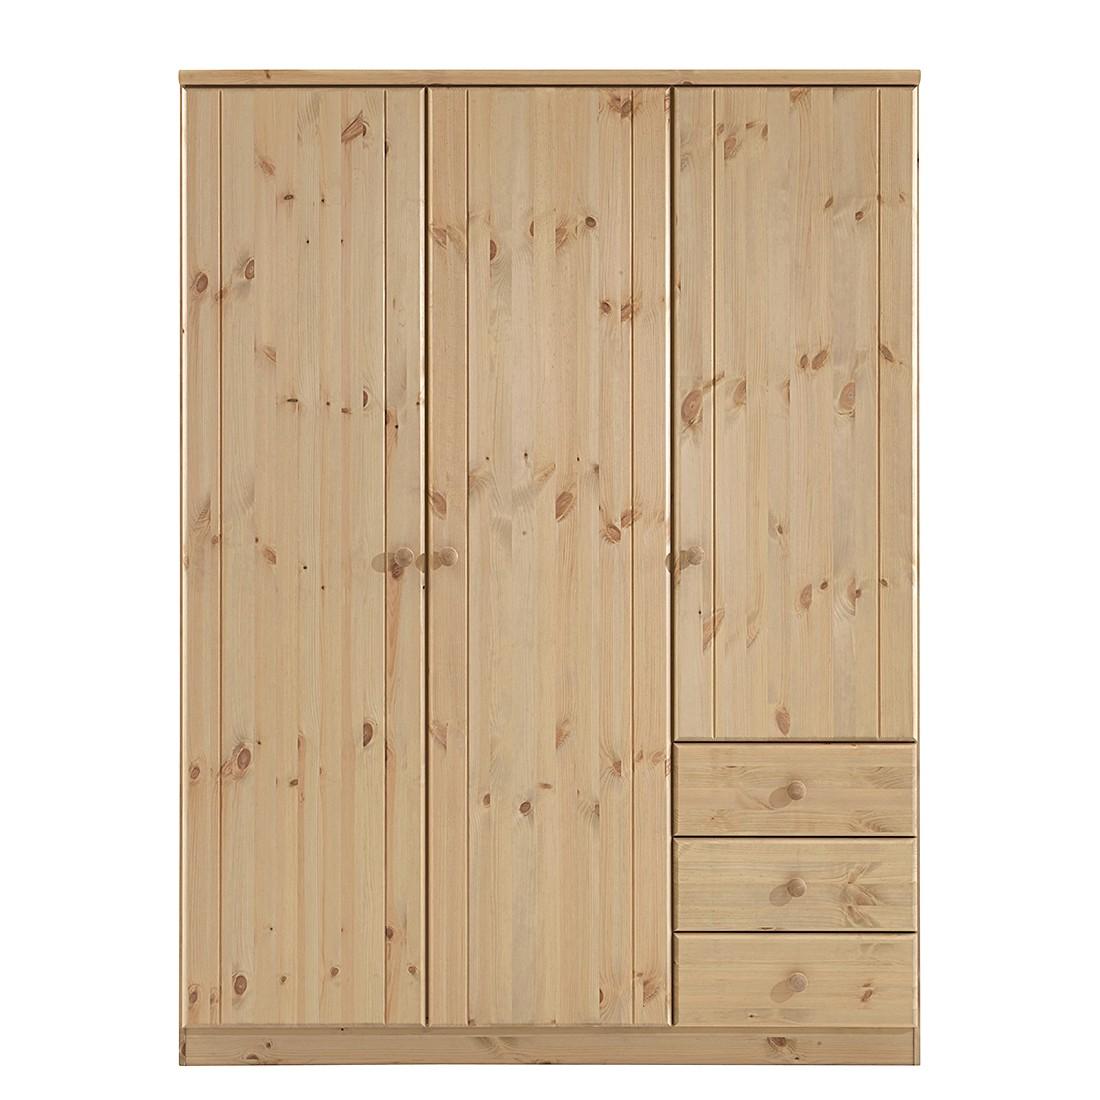 Armoire à vêtements Ribe - Epicéa naturel lessivé et teinté - 150 cm (3 portes), Steens